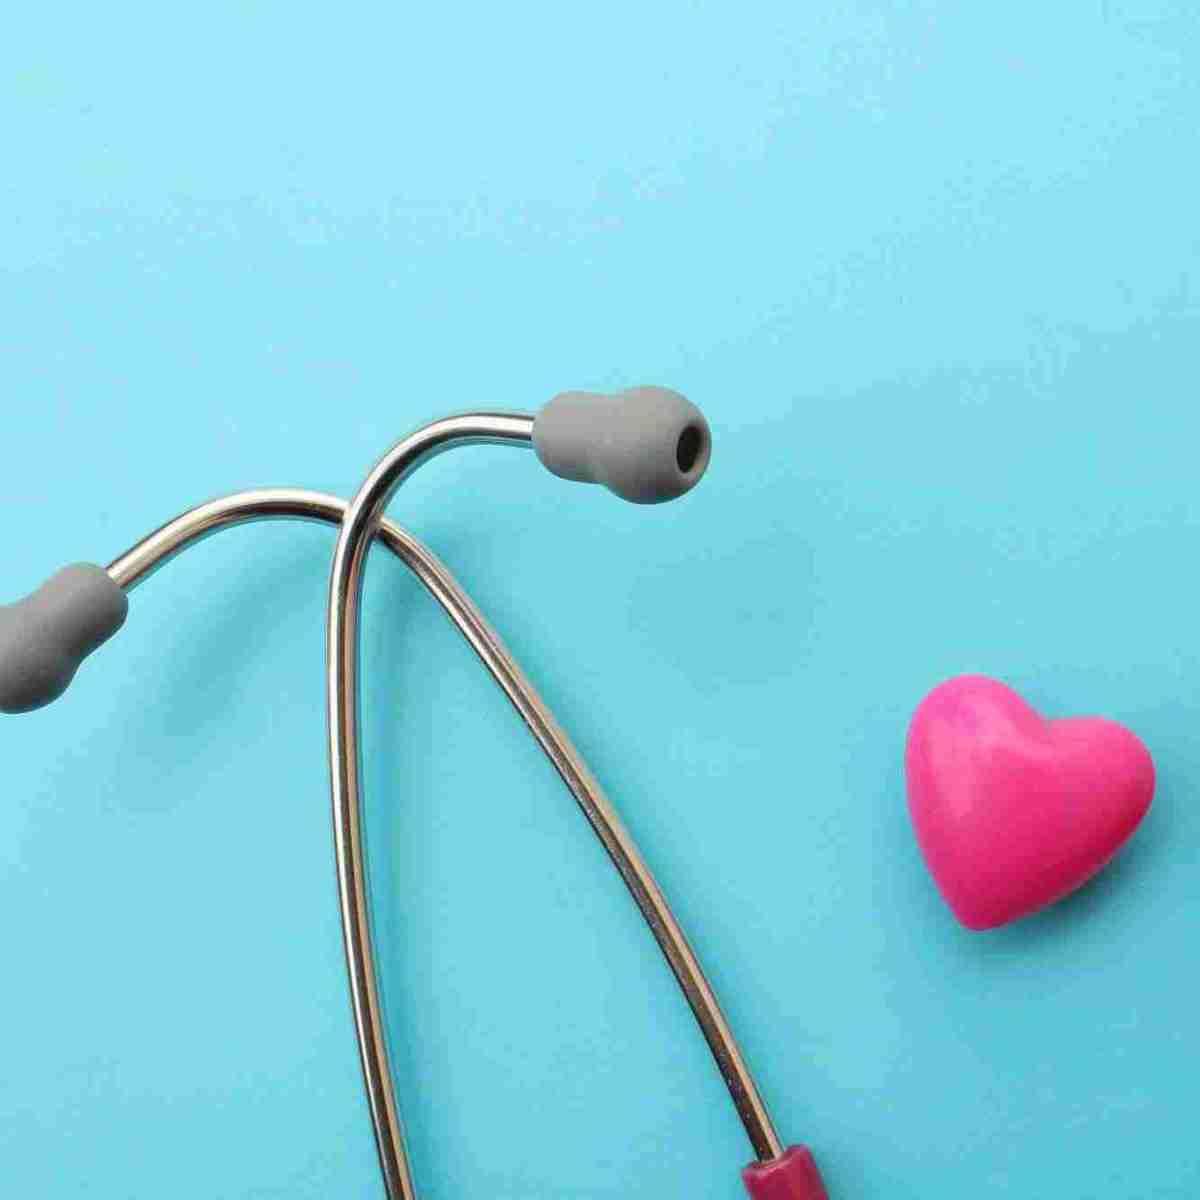 https://i2.wp.com/www.primarycare.gr/wp-content/uploads/2015/12/srce-i-stetoskop.jpg?fit=1200%2C1200